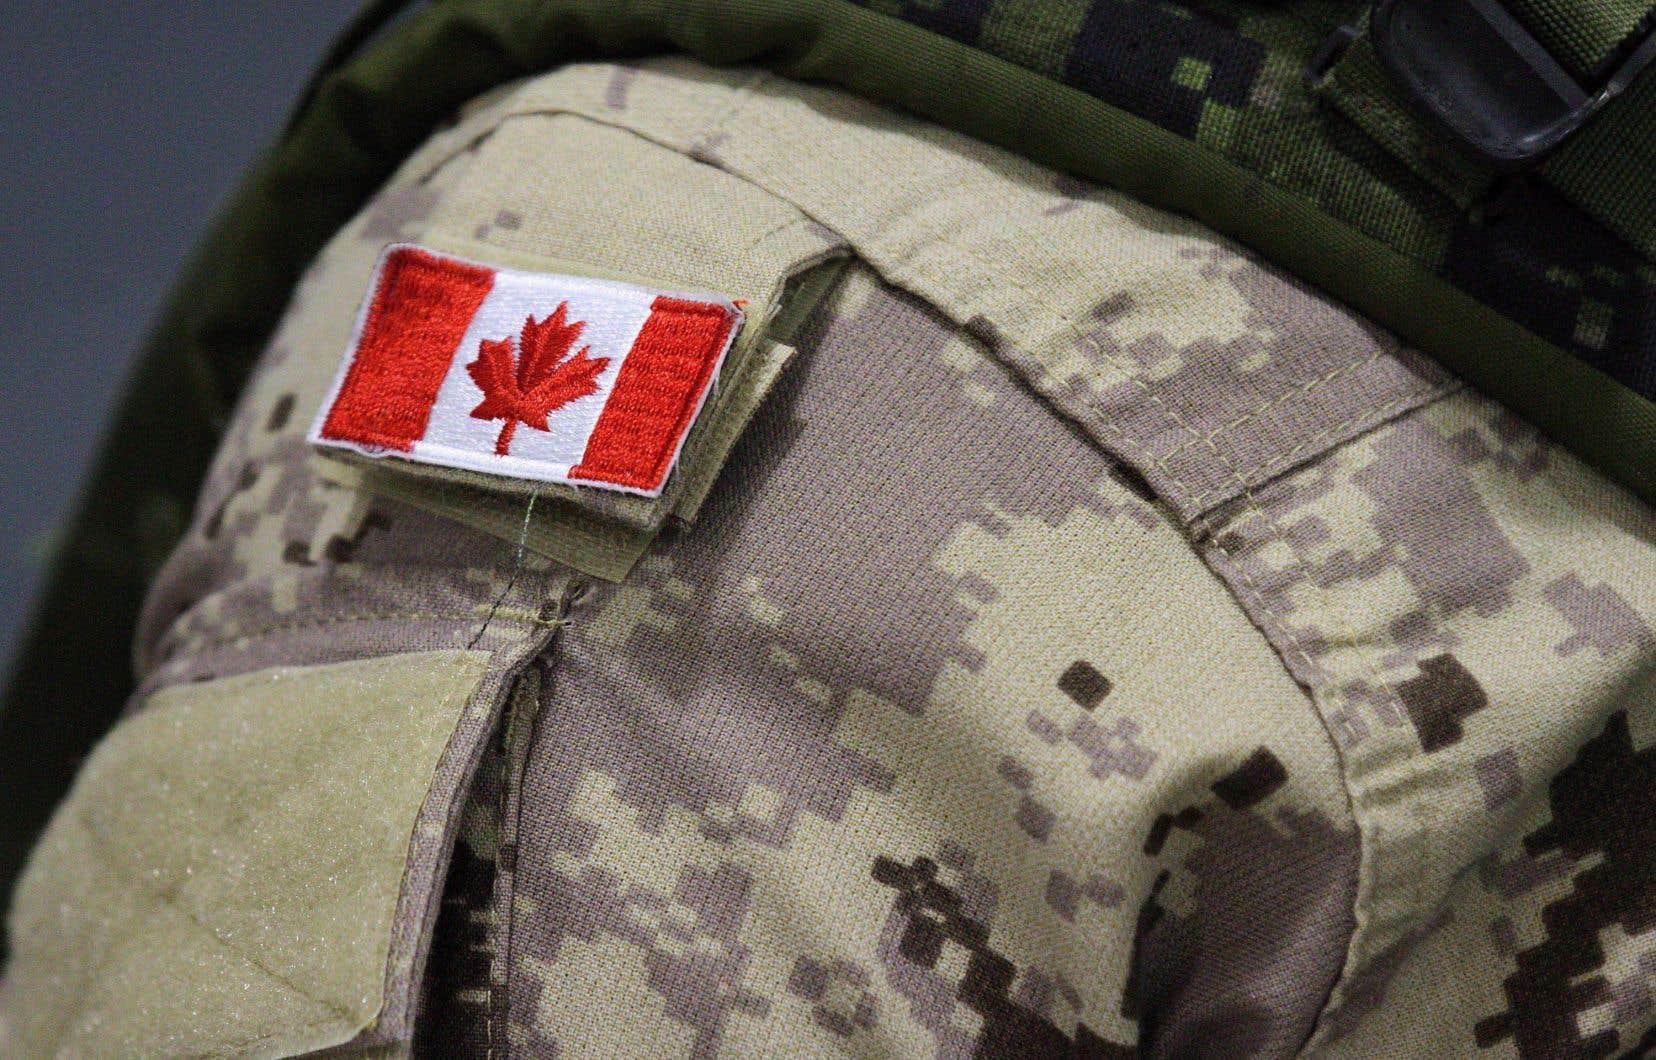 Plus de 36000 membres des Forces armées ont répondu à un questionnaire en ligne entre septembre et novembre 2018, ce qui représente 44% de l'effectif de l'armée.